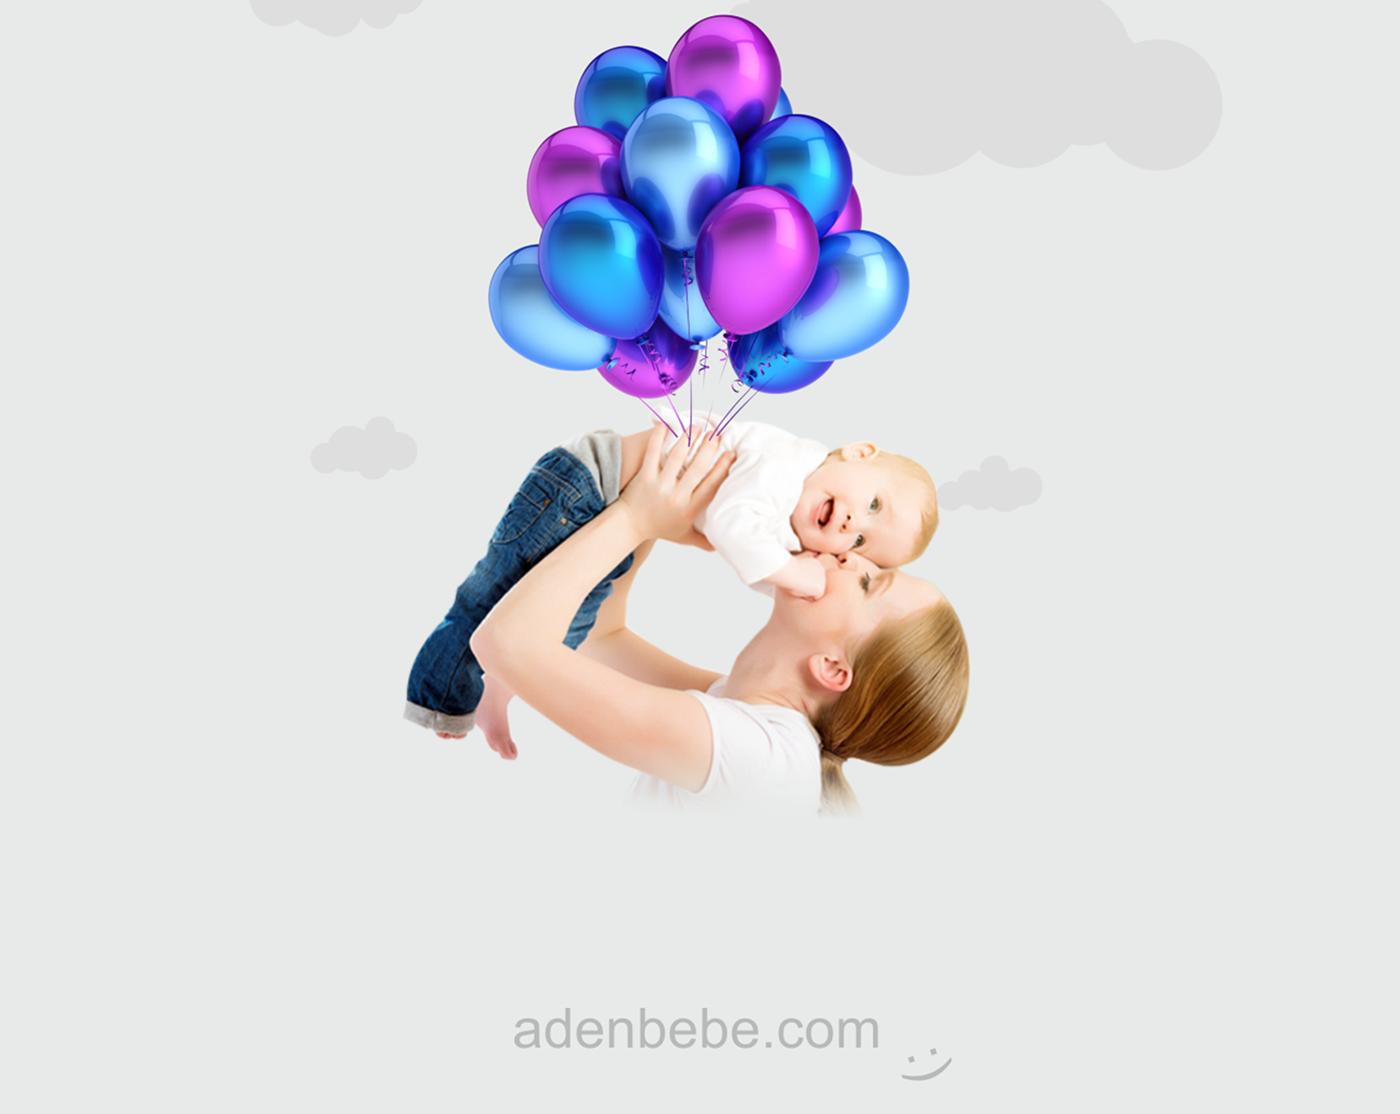 Aden Bebe